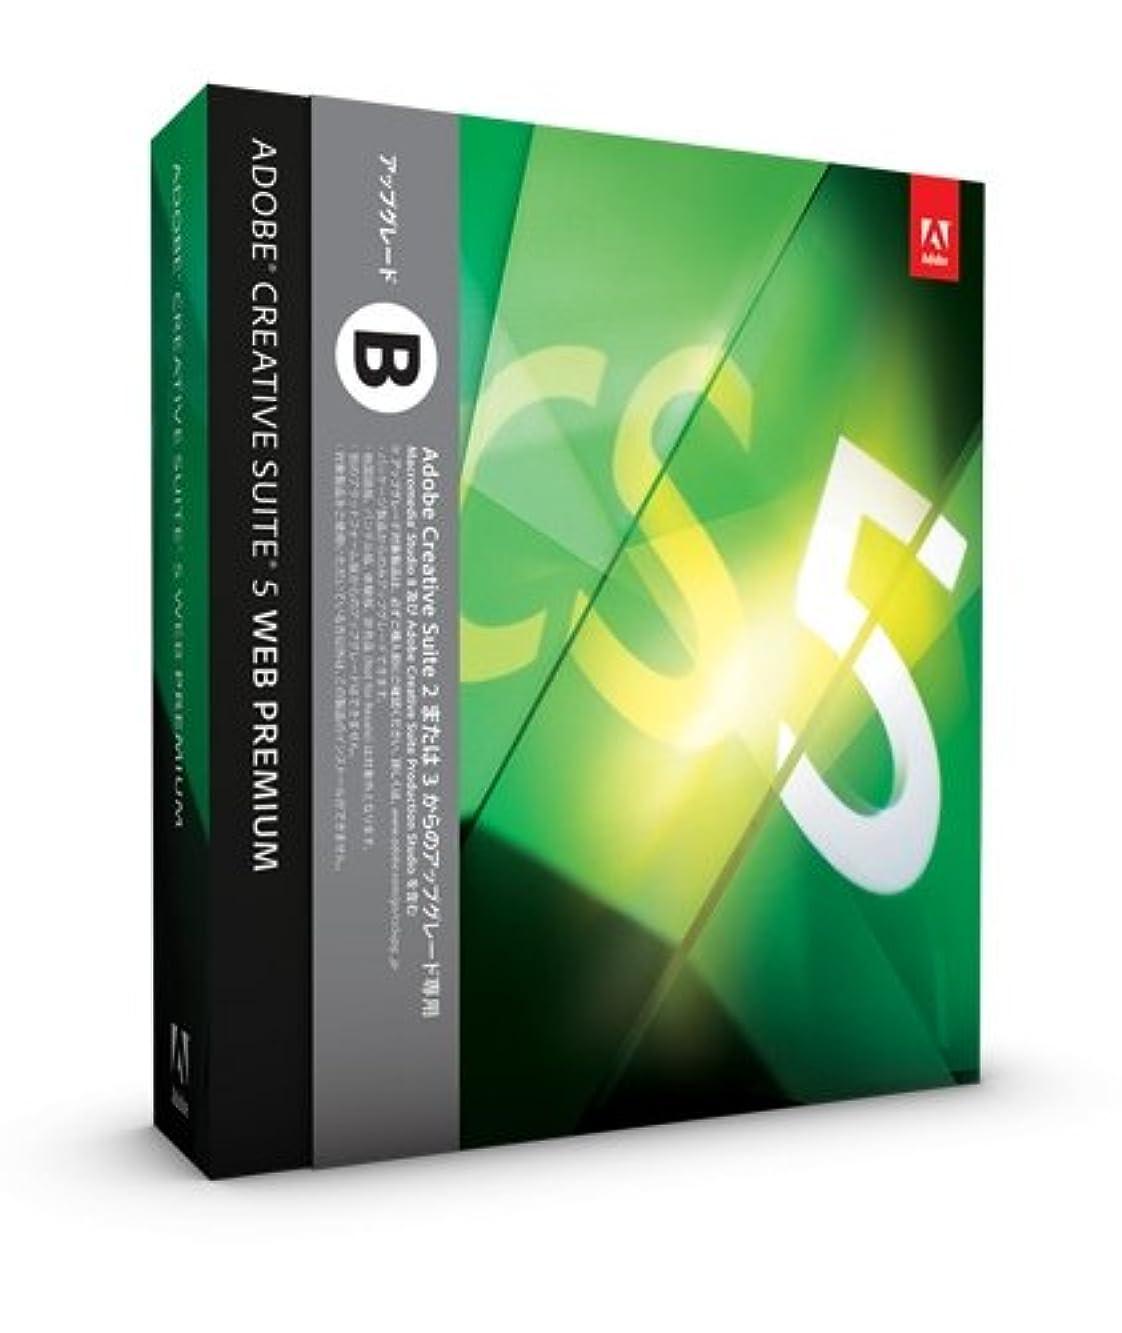 強度生エンティティAdobe Creative Suite 5 Web Premium アップグレード版B Windows版 (旧製品)